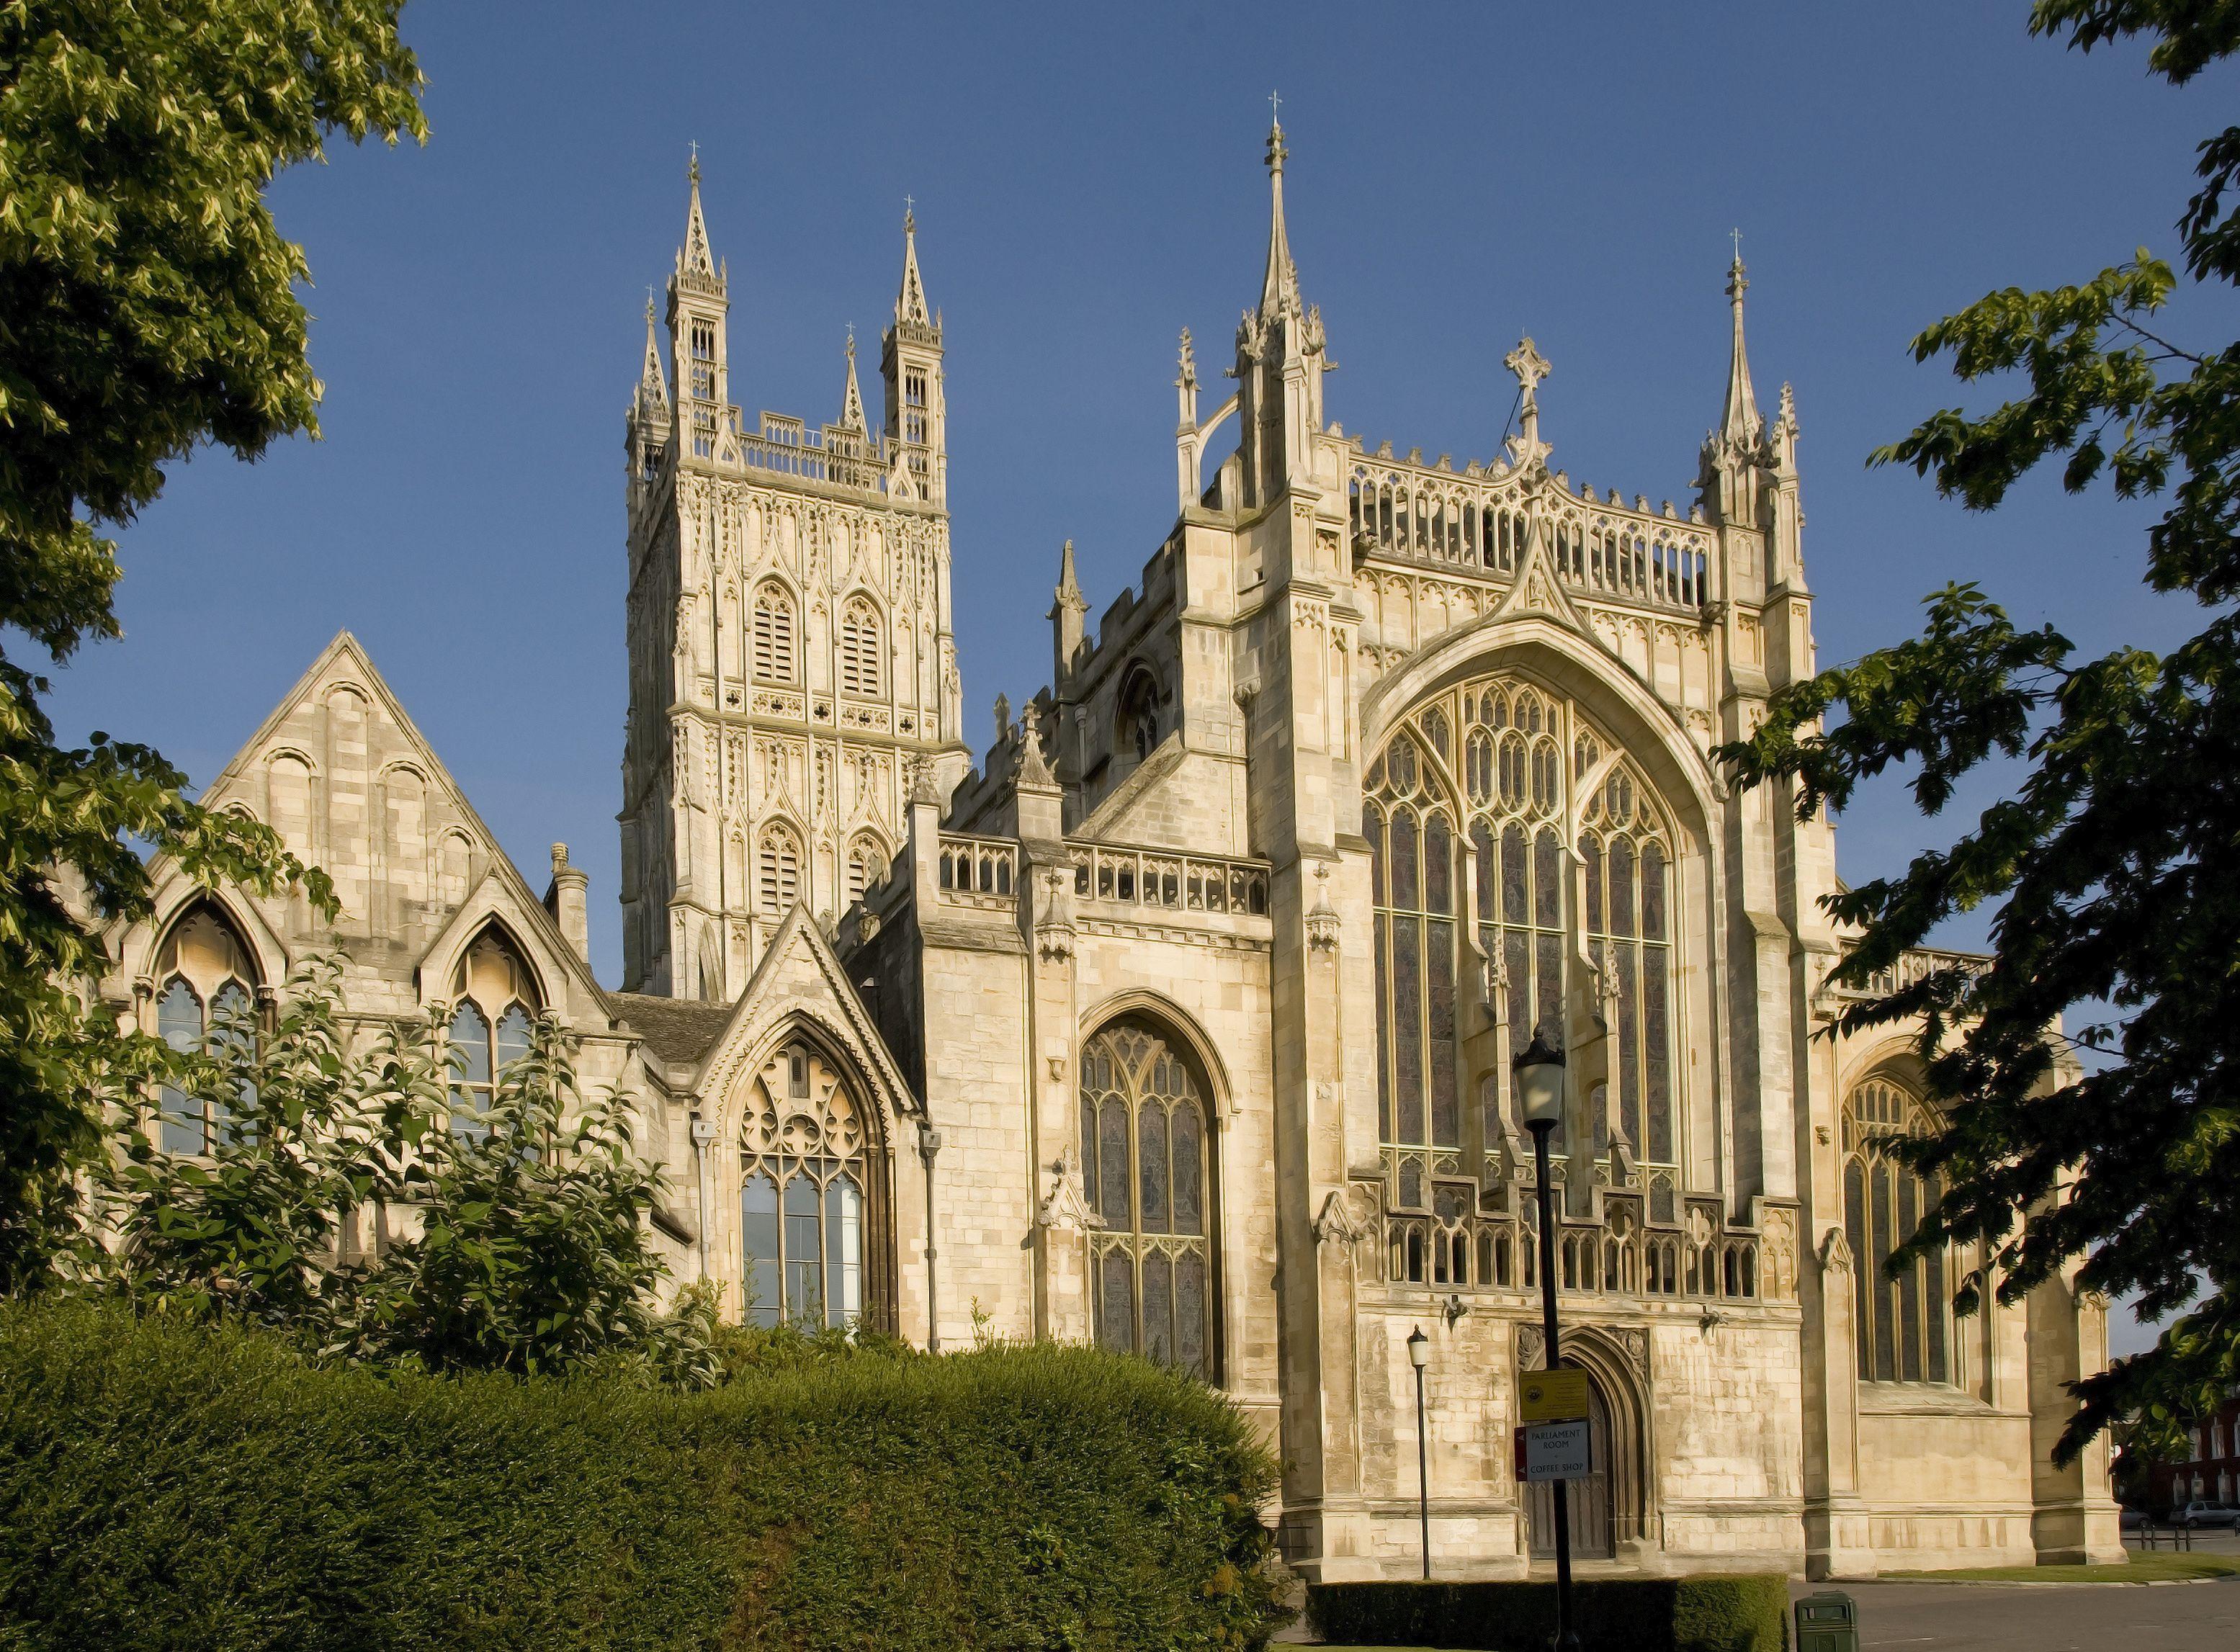 Ljubiteljima Serijala Filmova O Hariju Poteru Ce Biti Posebno Zanimljiva Poseta Gloucester Cathedral Gde Je S Gloucester Cathedral Cathedral Tours Of England